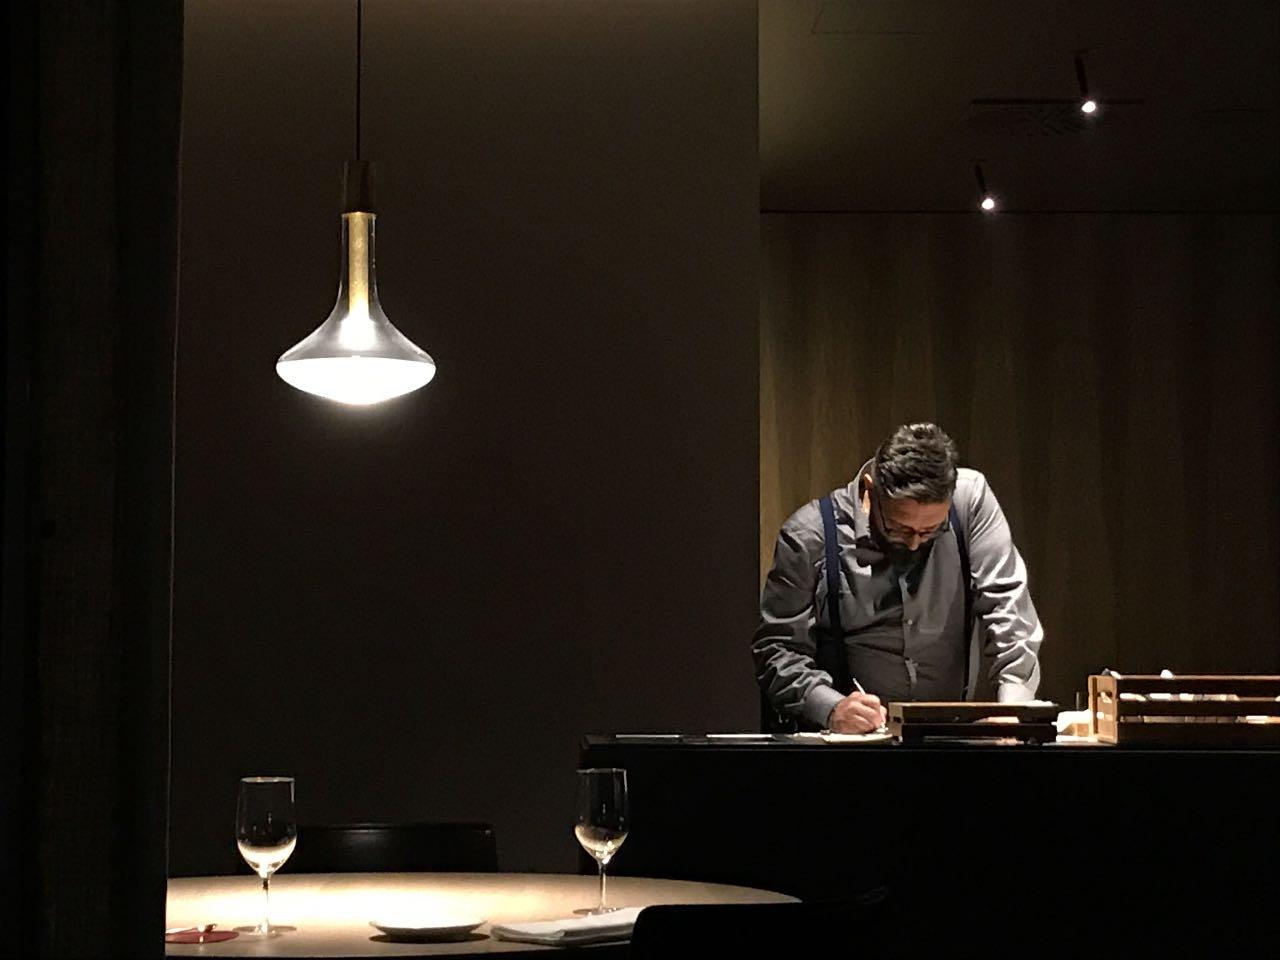 recensione ristorante Marconi